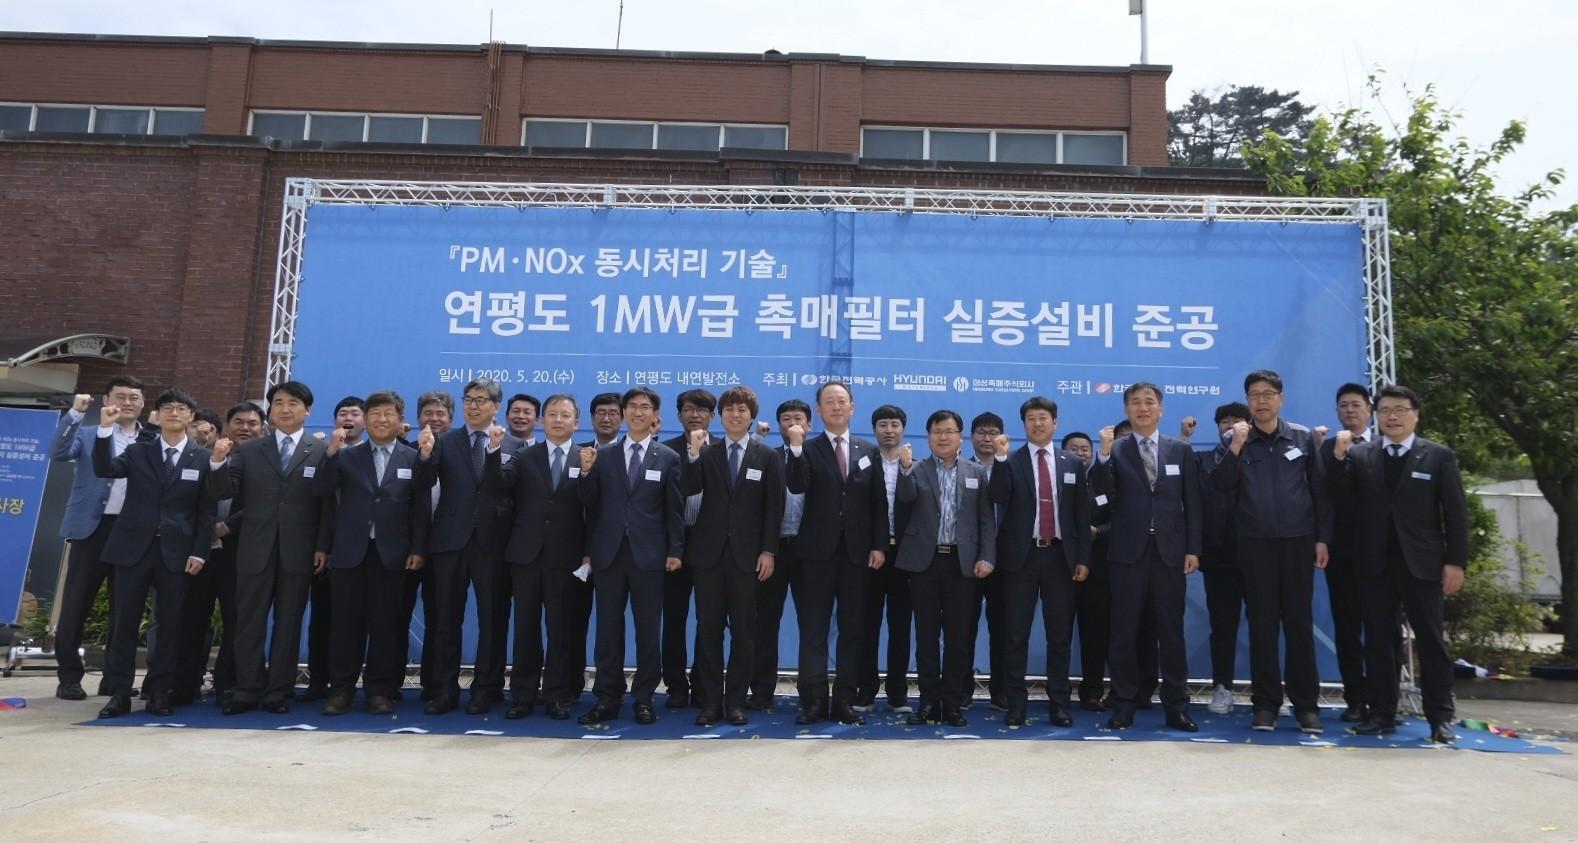 한국전력 전력연구원은 인천 연평도에 발전기 오염물질 배출을 최소화할 수 있는 1메가와트(㎿)급 미세먼지·질소산화물 동시처리 촉매필터 설비 시스템을 개발하고 20일 준공식을 열었다고 밝혔다.(사진=한국전력 제공)